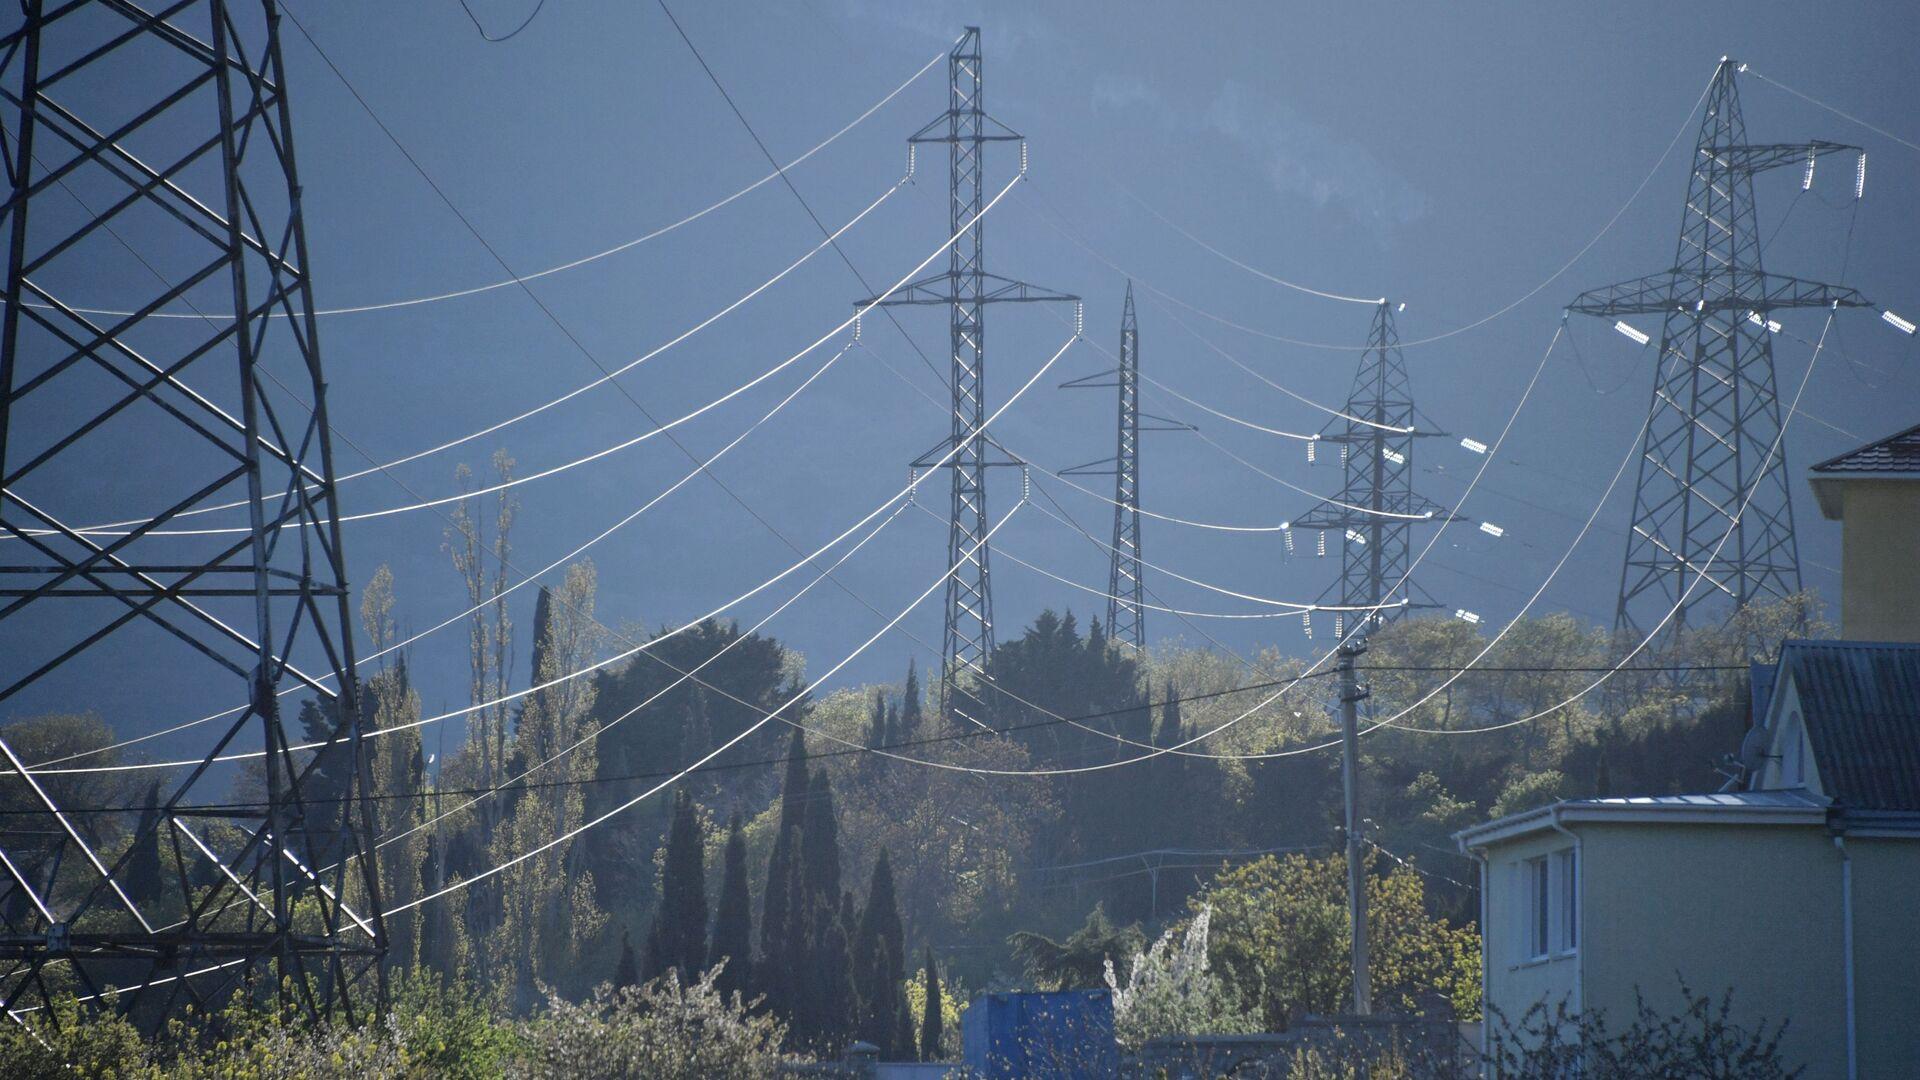 Линии высоковольтных передач, фото из архива - Sputnik Азербайджан, 1920, 27.09.2021